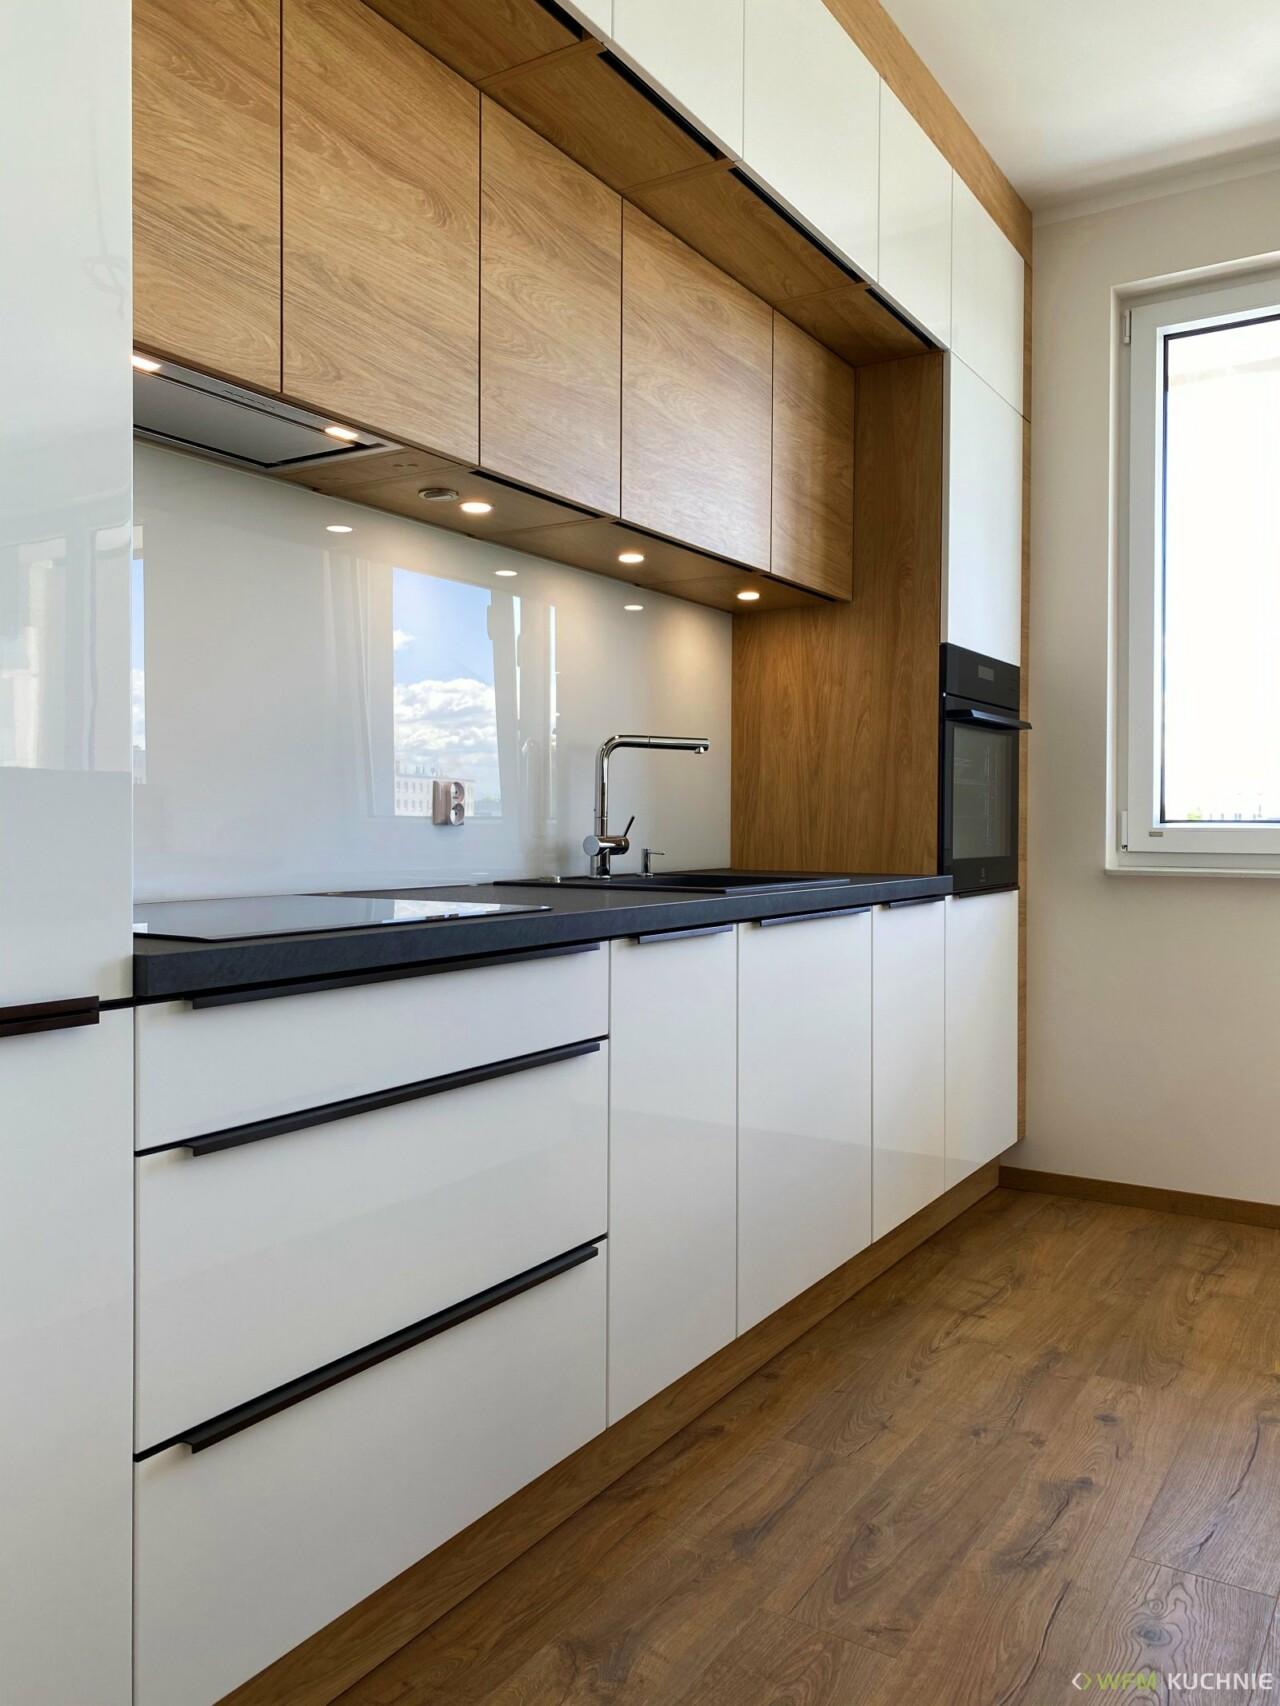 Nowoczesna kuchnia na wymiar z wyspą WFM CALMA biały połysk P101 - Dąb Hikora P112F - Meble kuchenne - WFM KUCHNIE Kraków